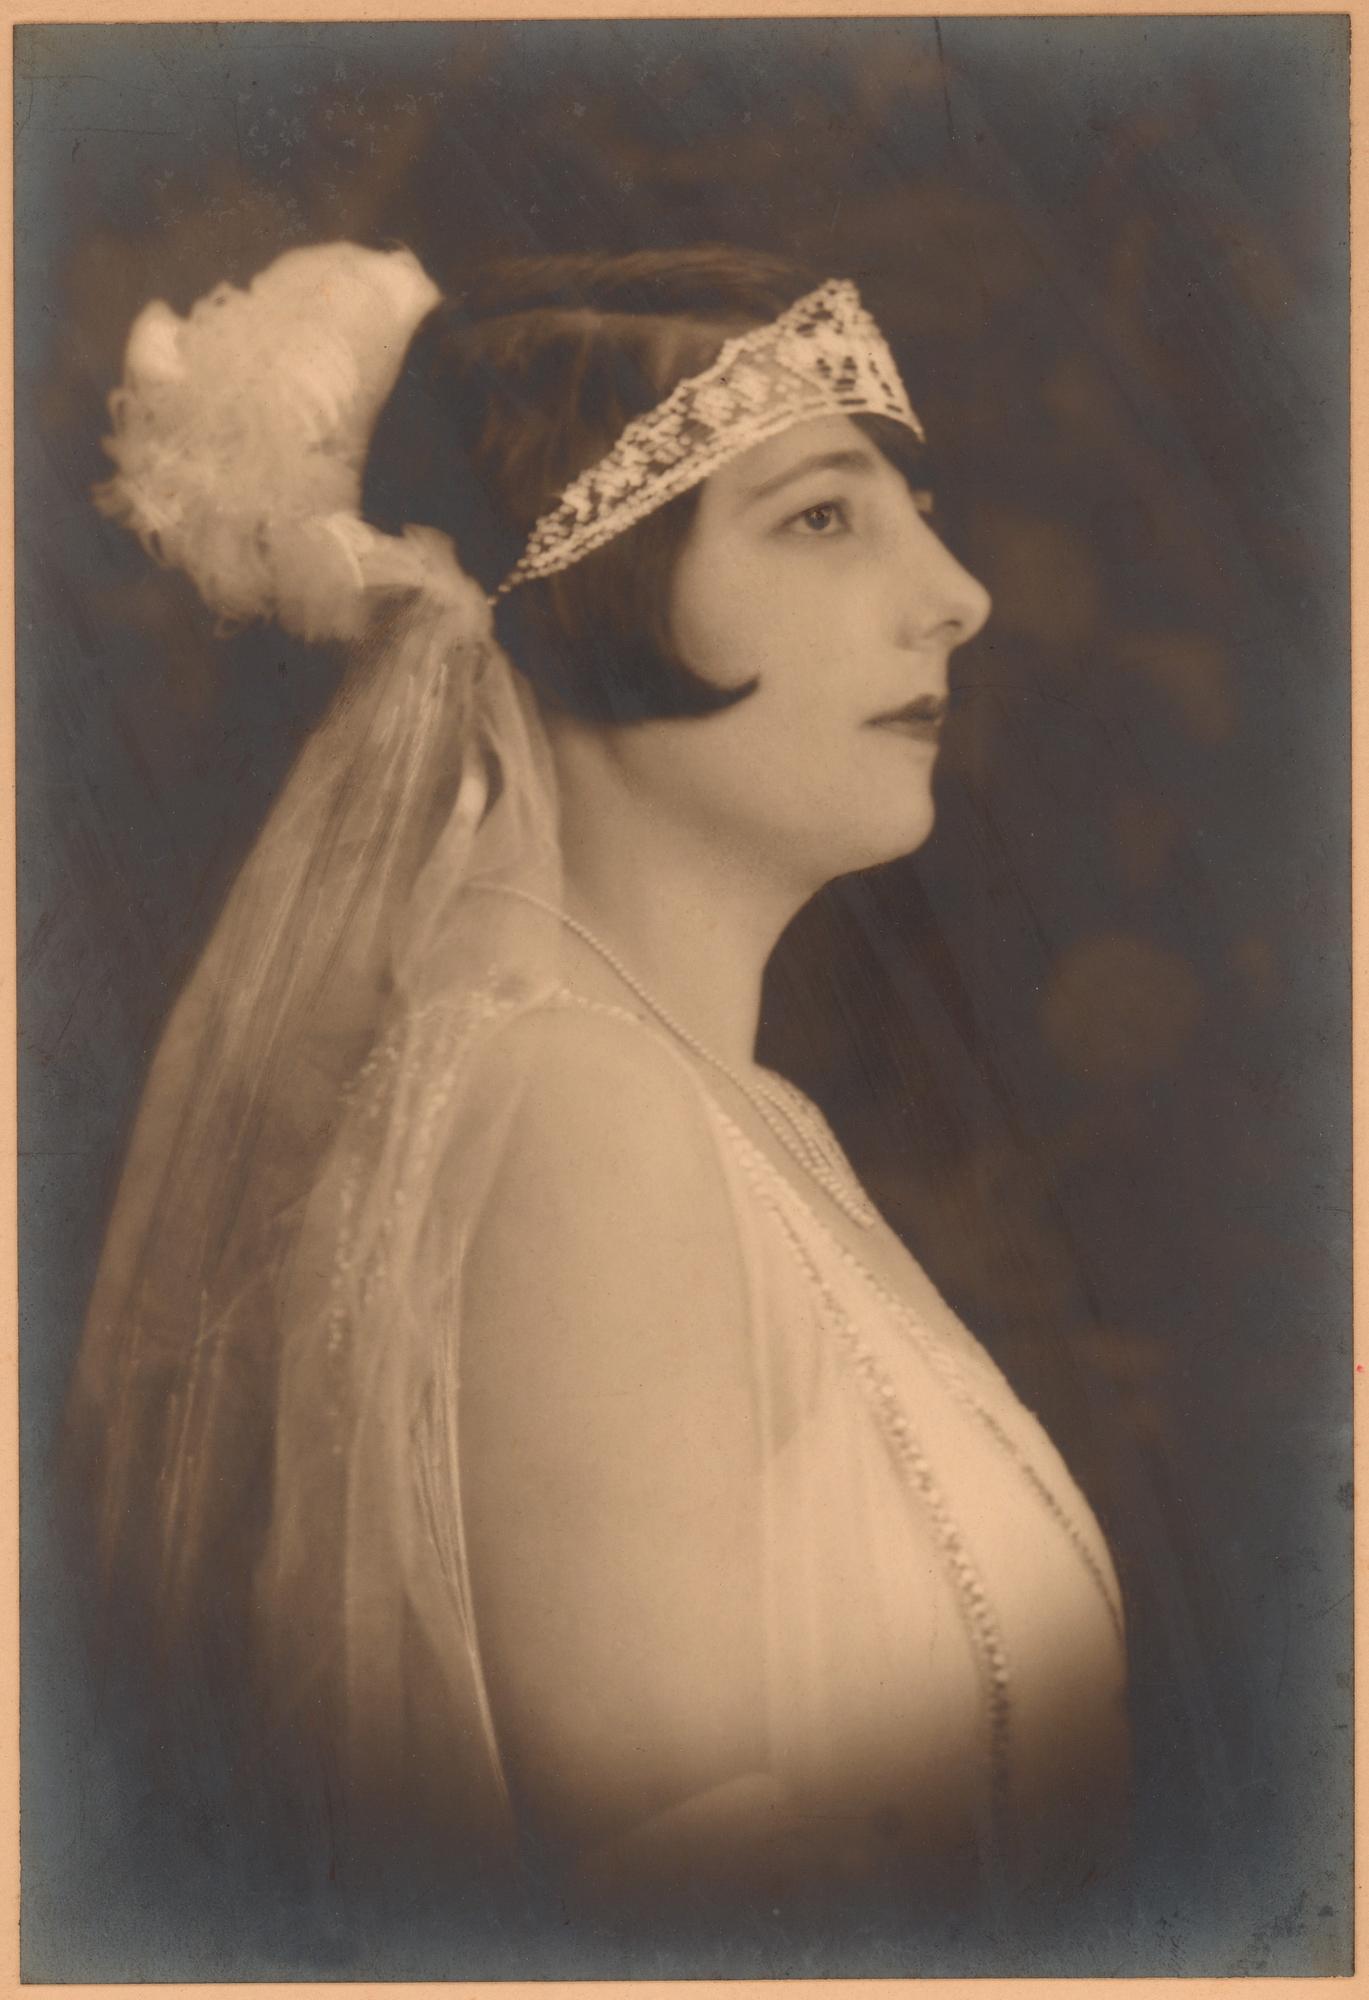 Nemide Moran 1926